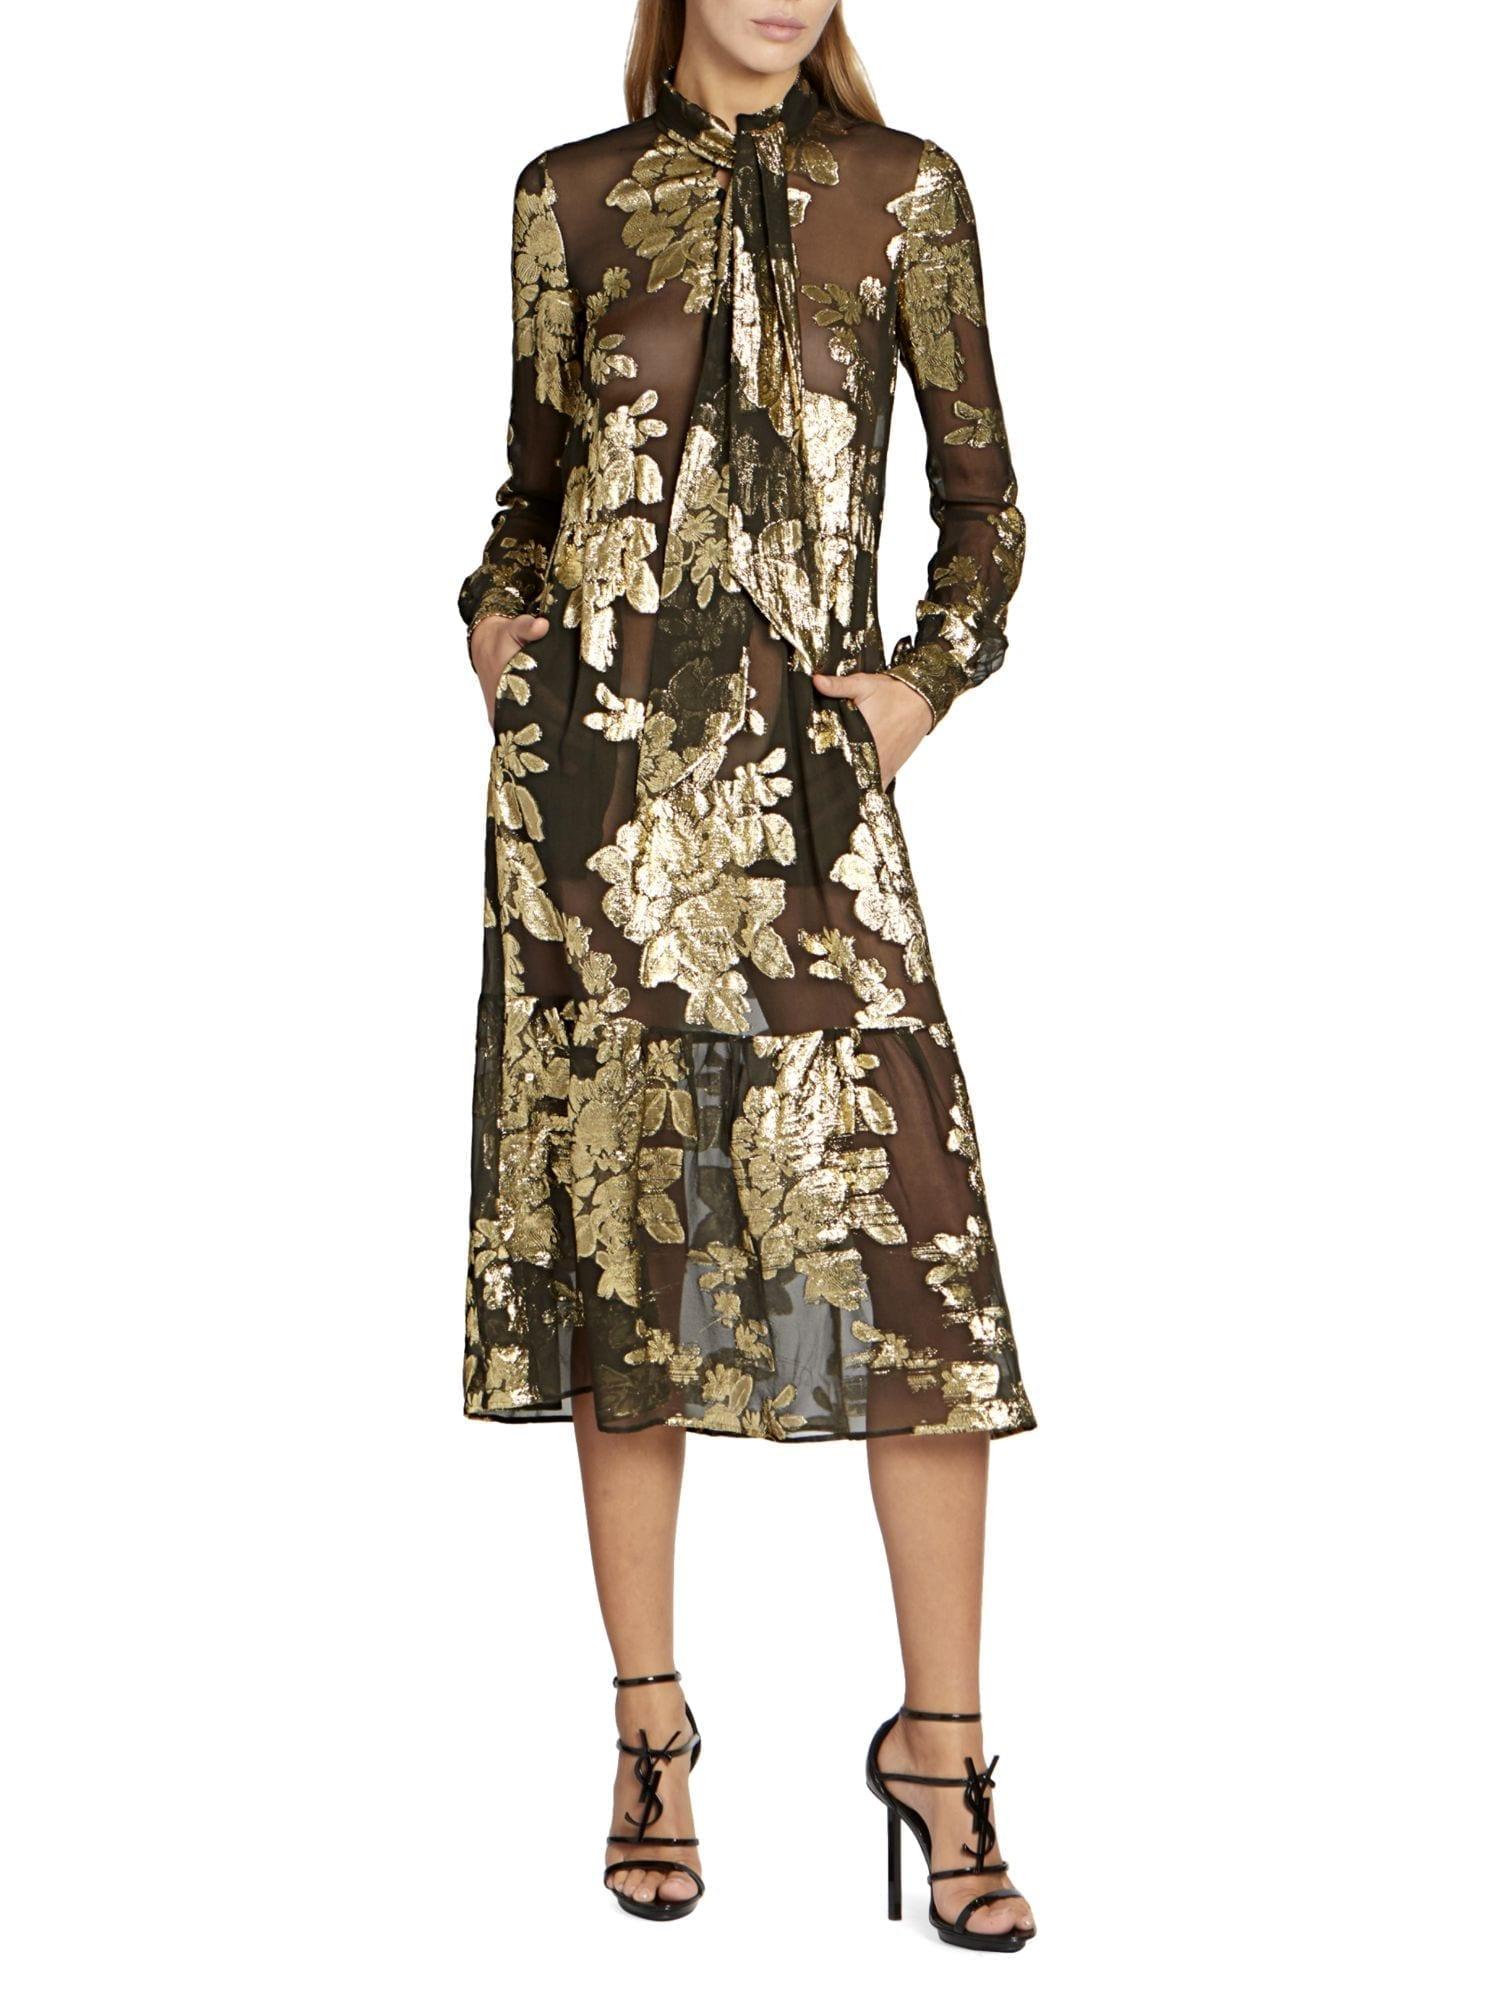 SAINT LAURENT Sheer Metallic Floral Midi Dress